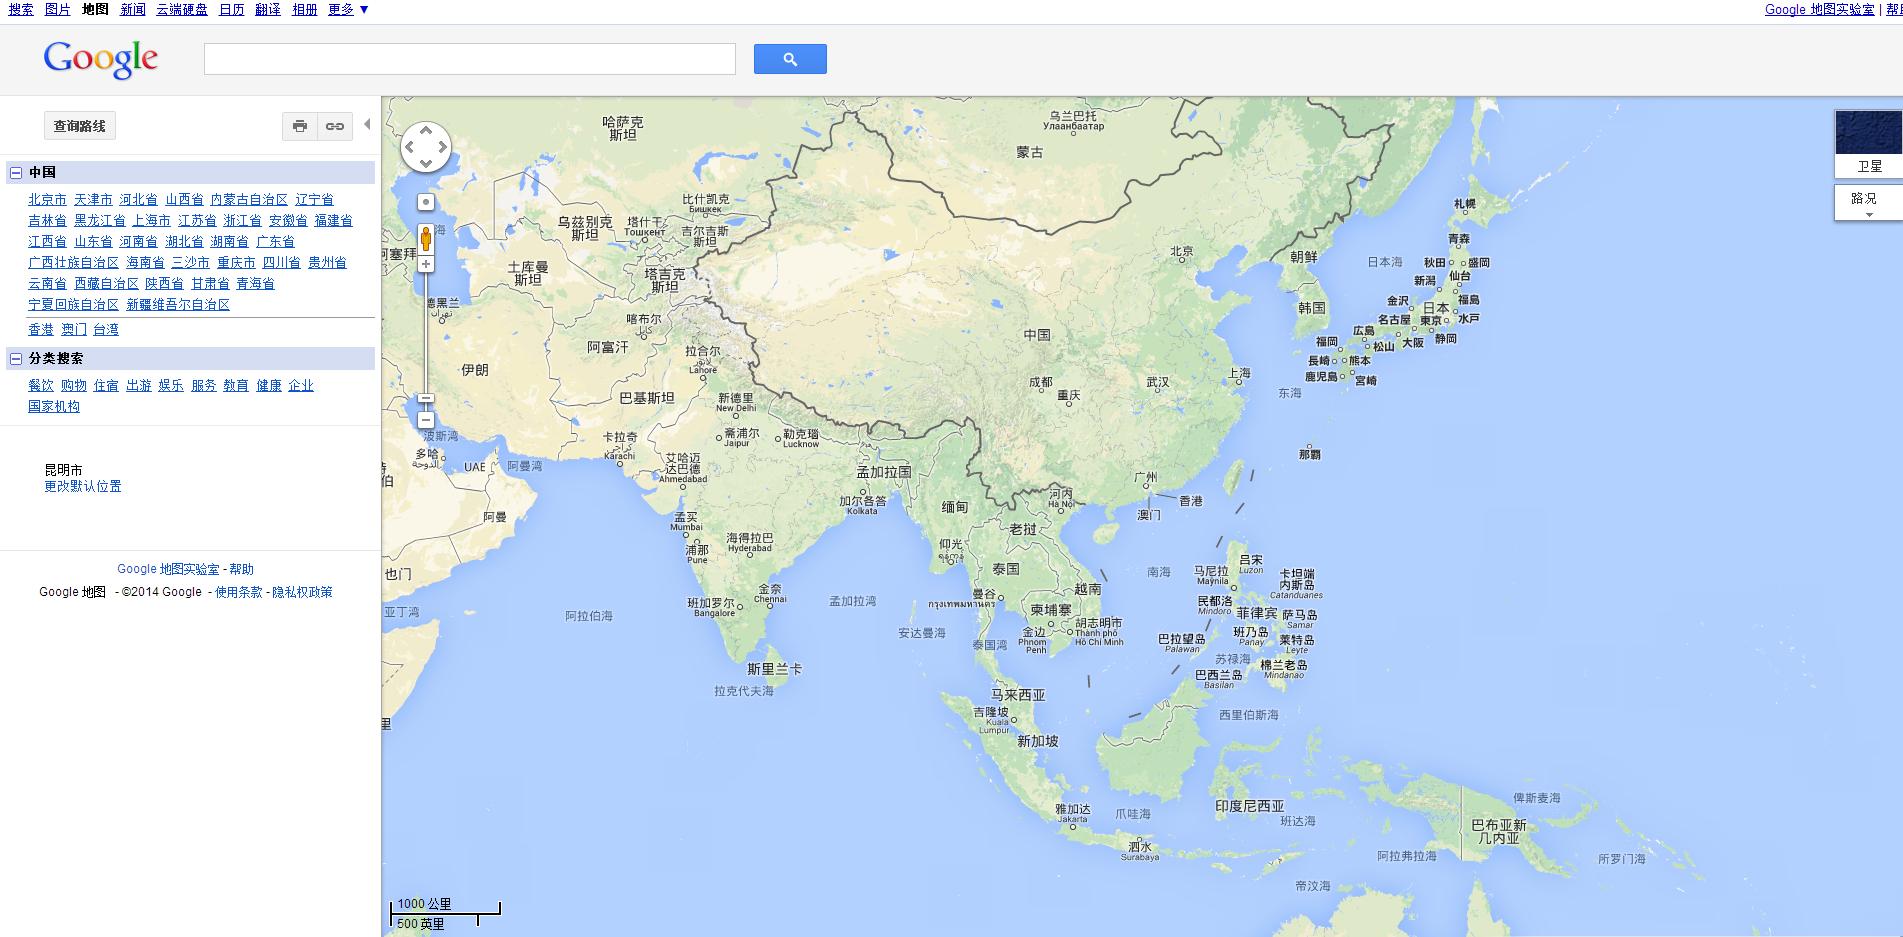 谷歌地图为什么在中国被屏蔽?而外国的不需要中国批准